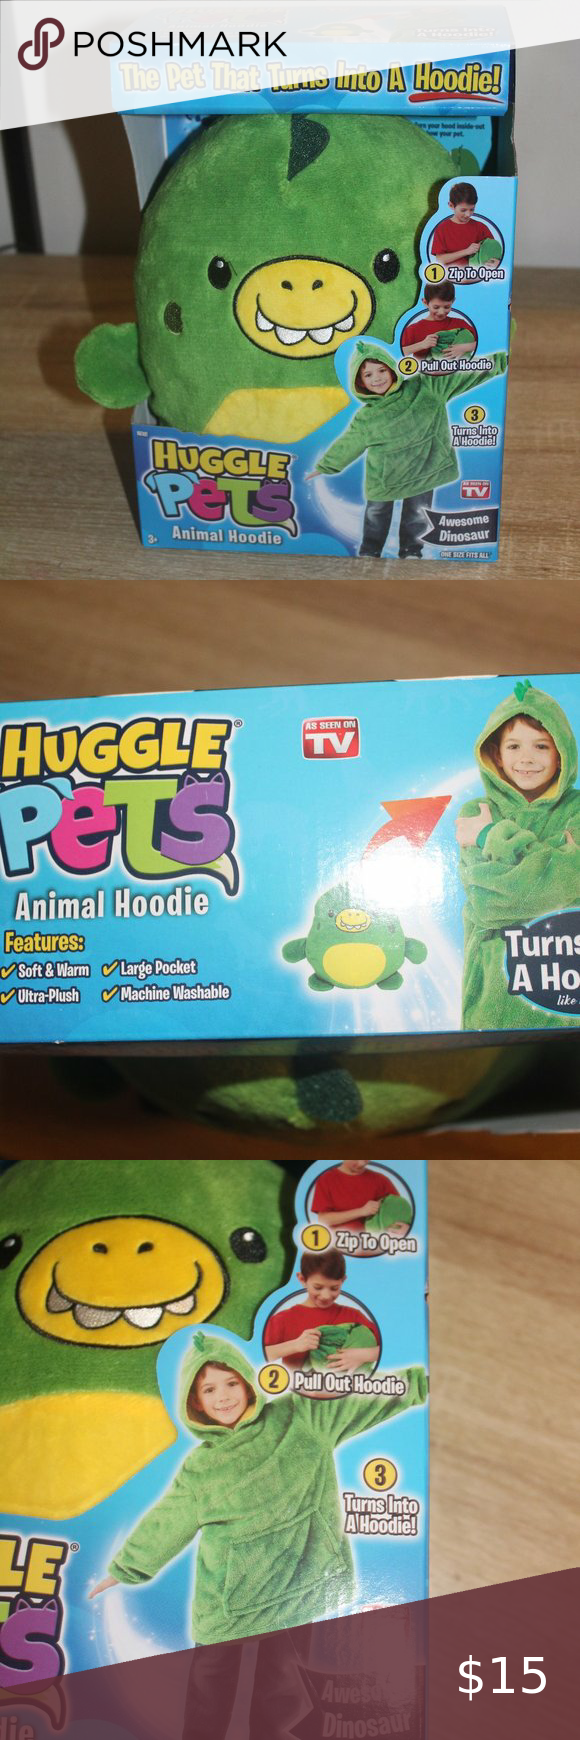 Huggle Pets Animal Hoodie Dinosaur In 2020 Animal Hoodie Soft Hoodie Tv Shirts